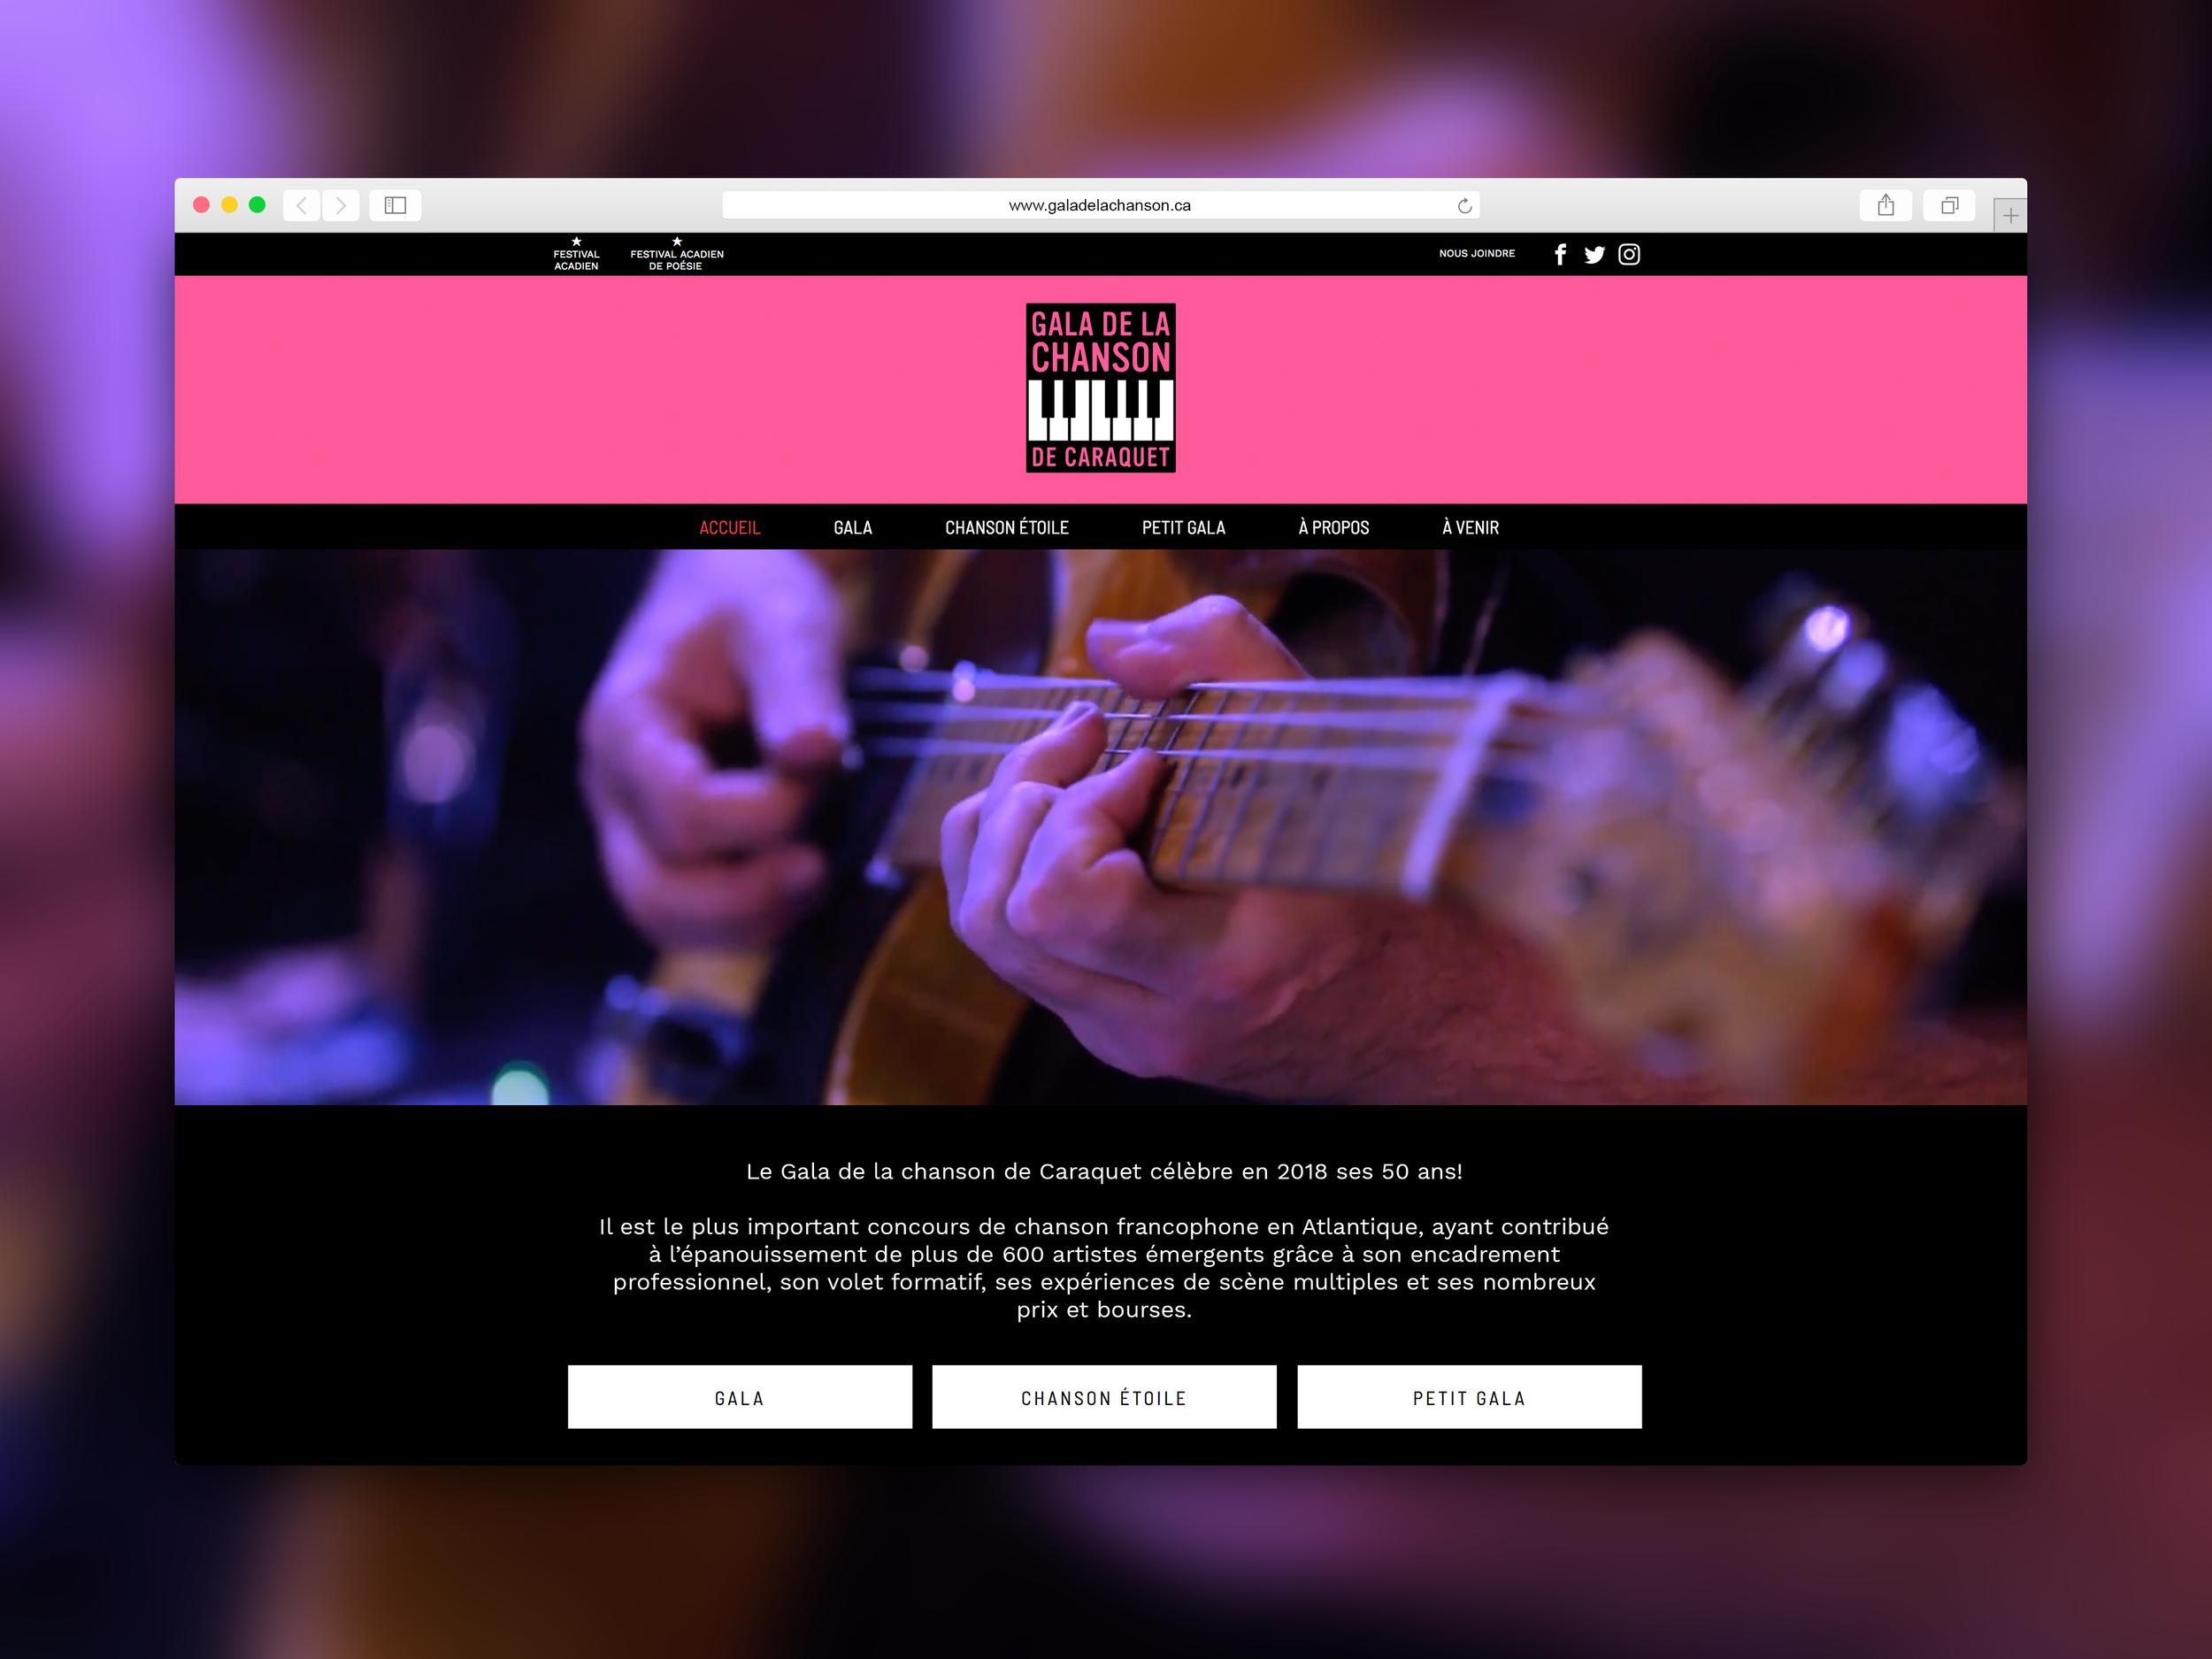 Gala de la chanson de Caraquet - Site web. Programmation par Promotions Citrus.